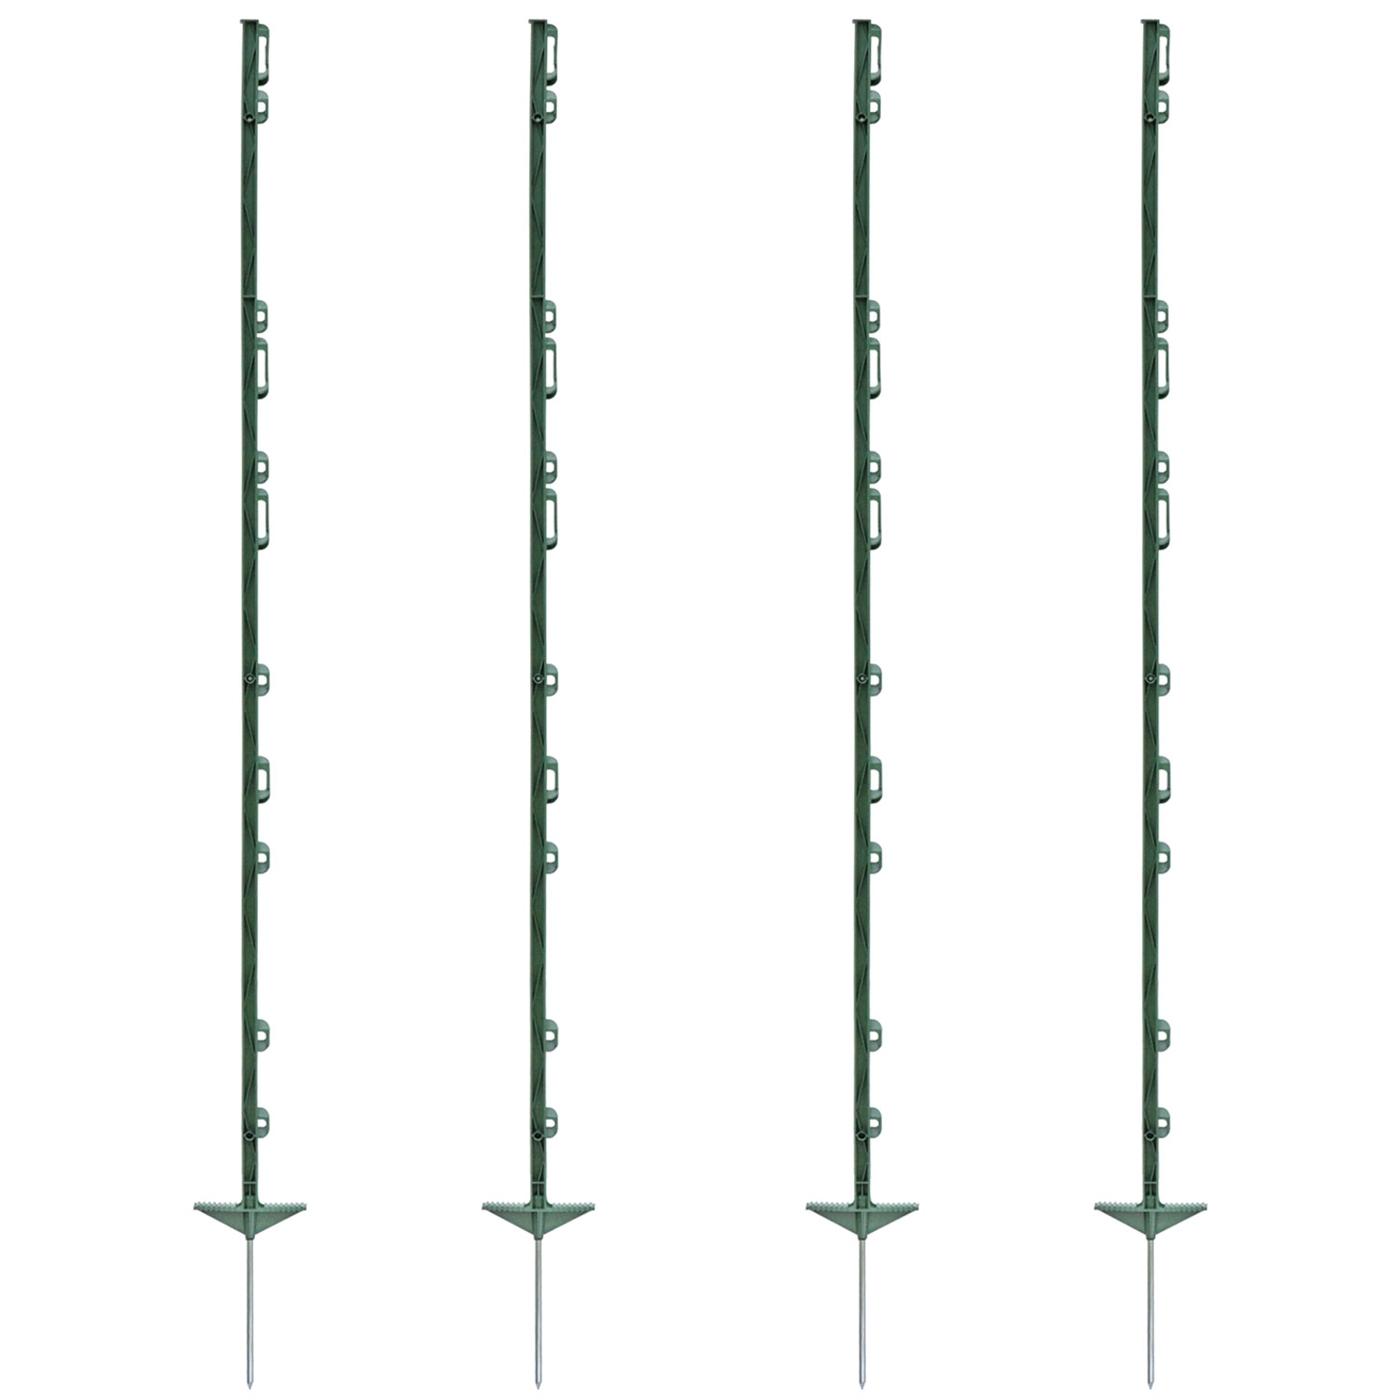 20x Weidezaunpfähle Kunststoffpfahl 125cm grün Koppelpfahl Weidezaun Elektrozaun